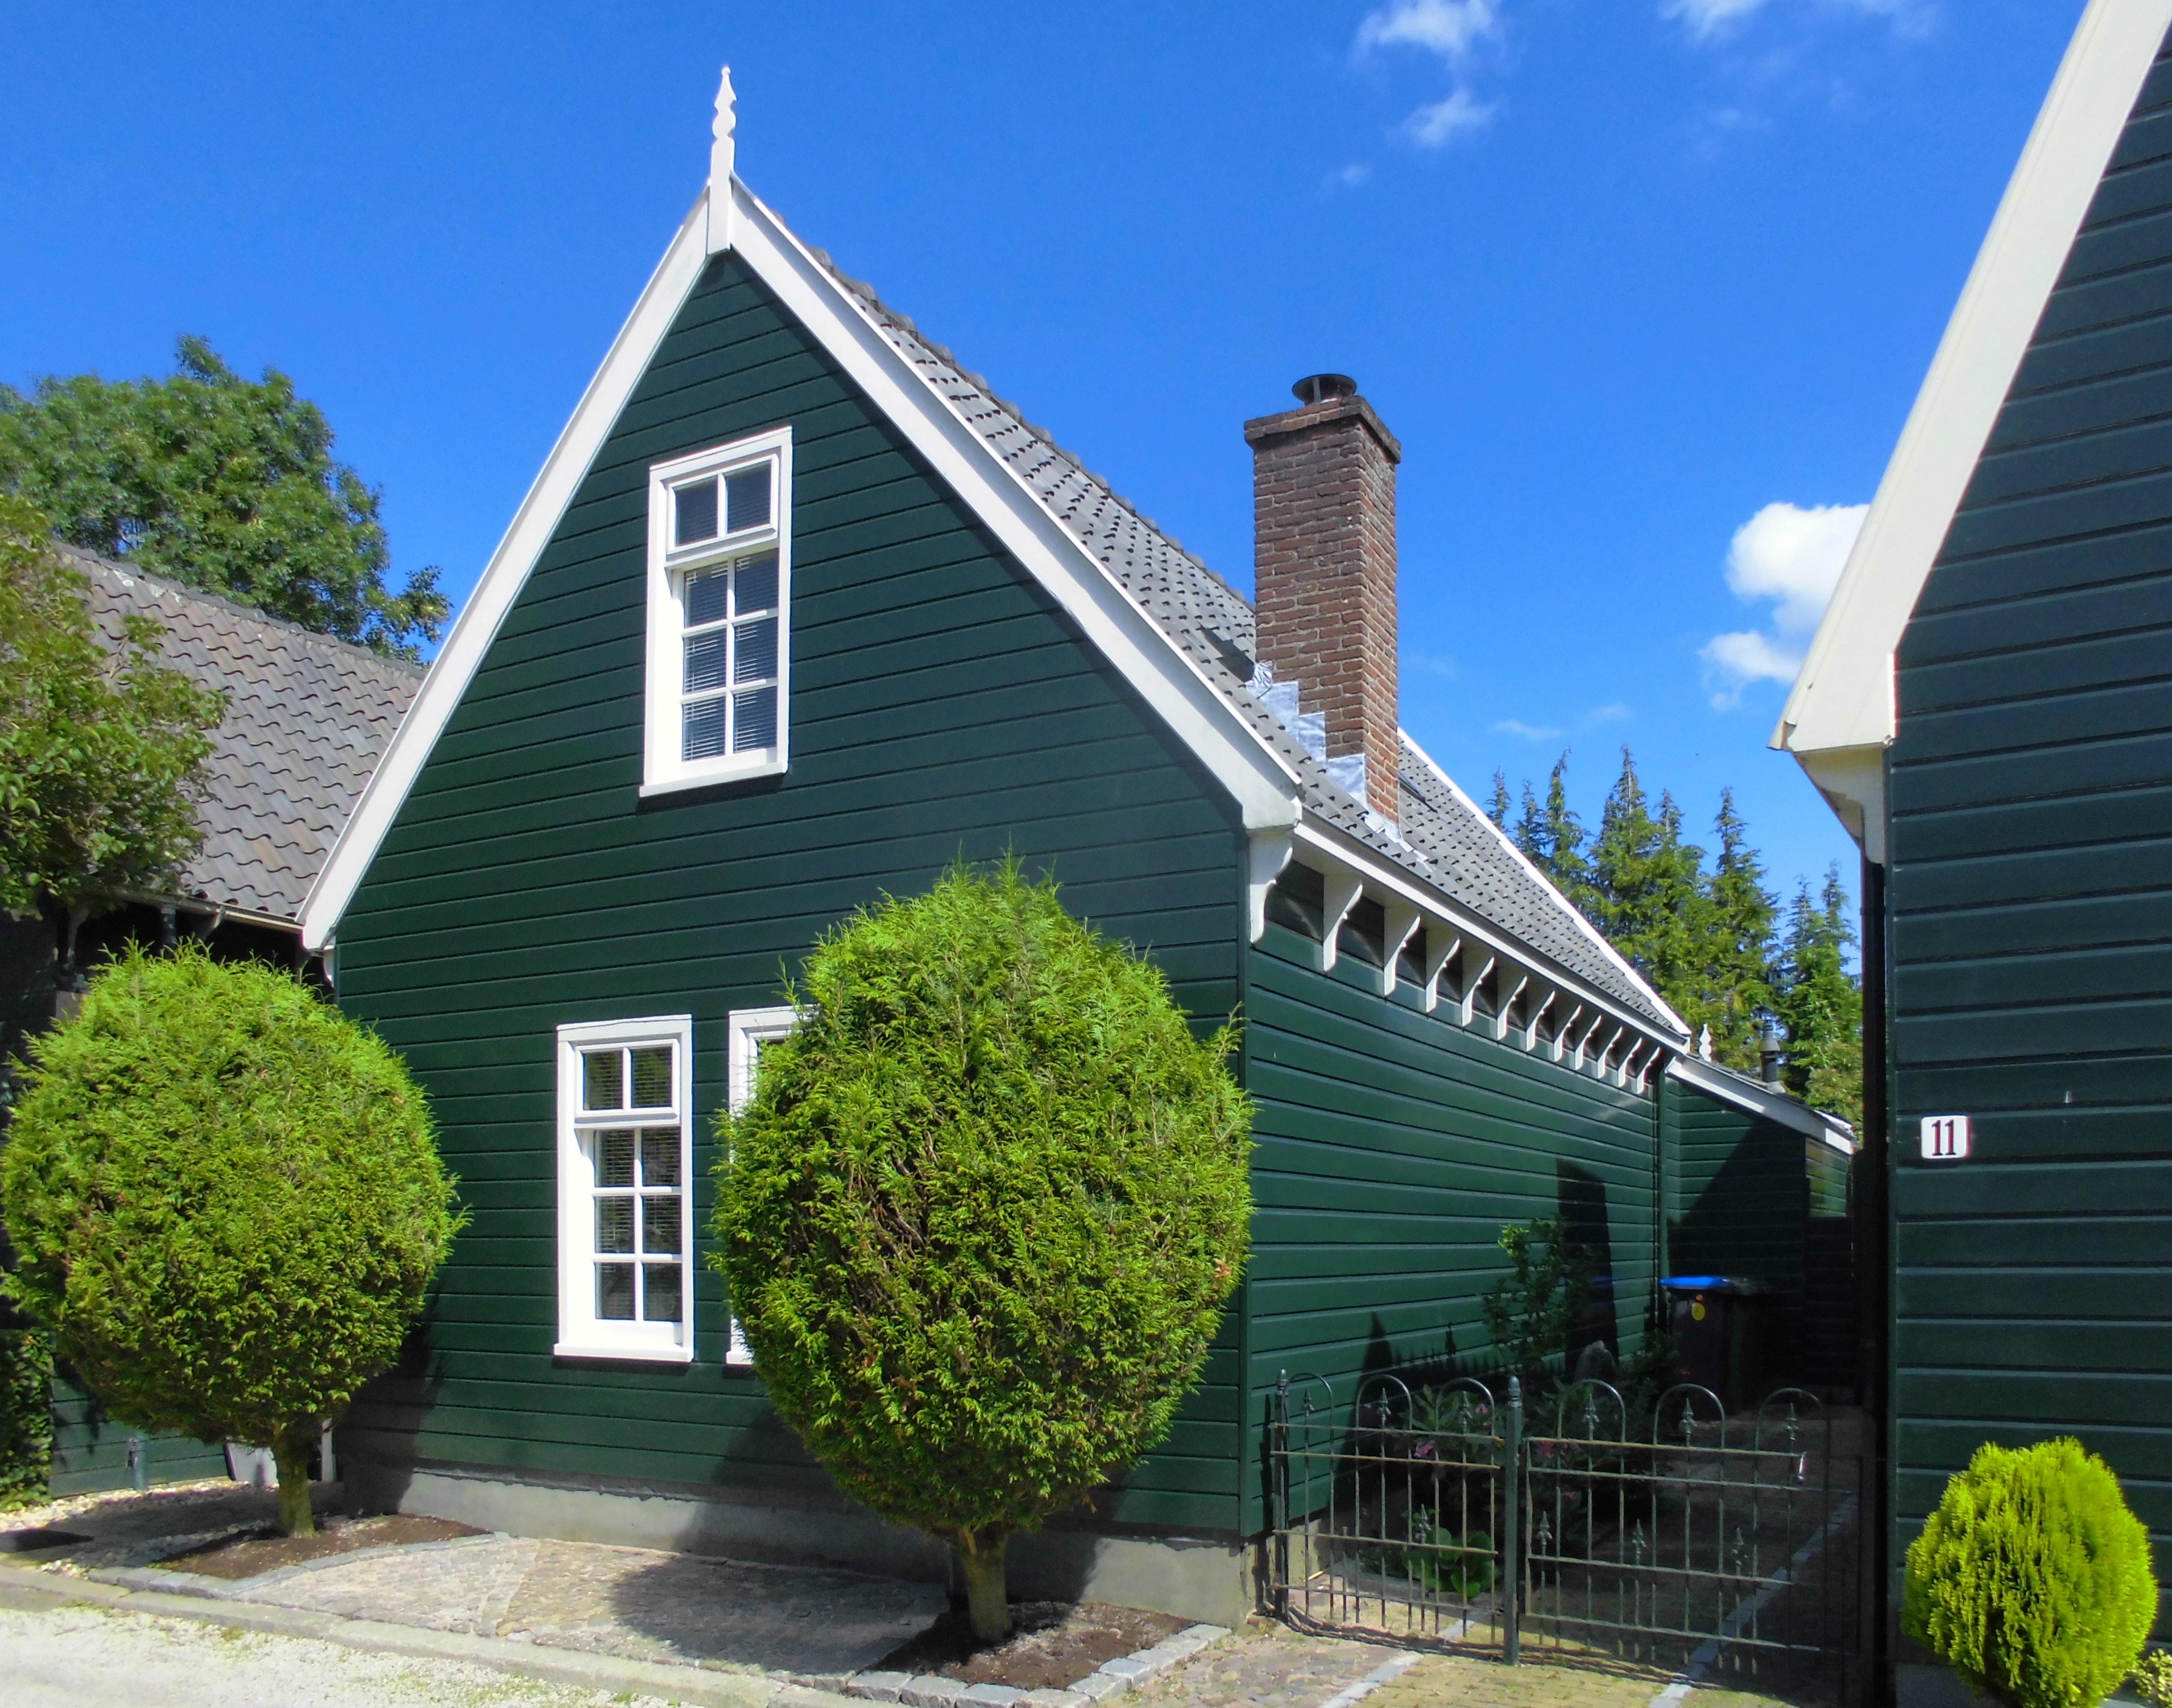 Houten huis met gerabatte wanden met zolderverdieping onder zadeldak met puntgevel met makelaar - Houten huis ...